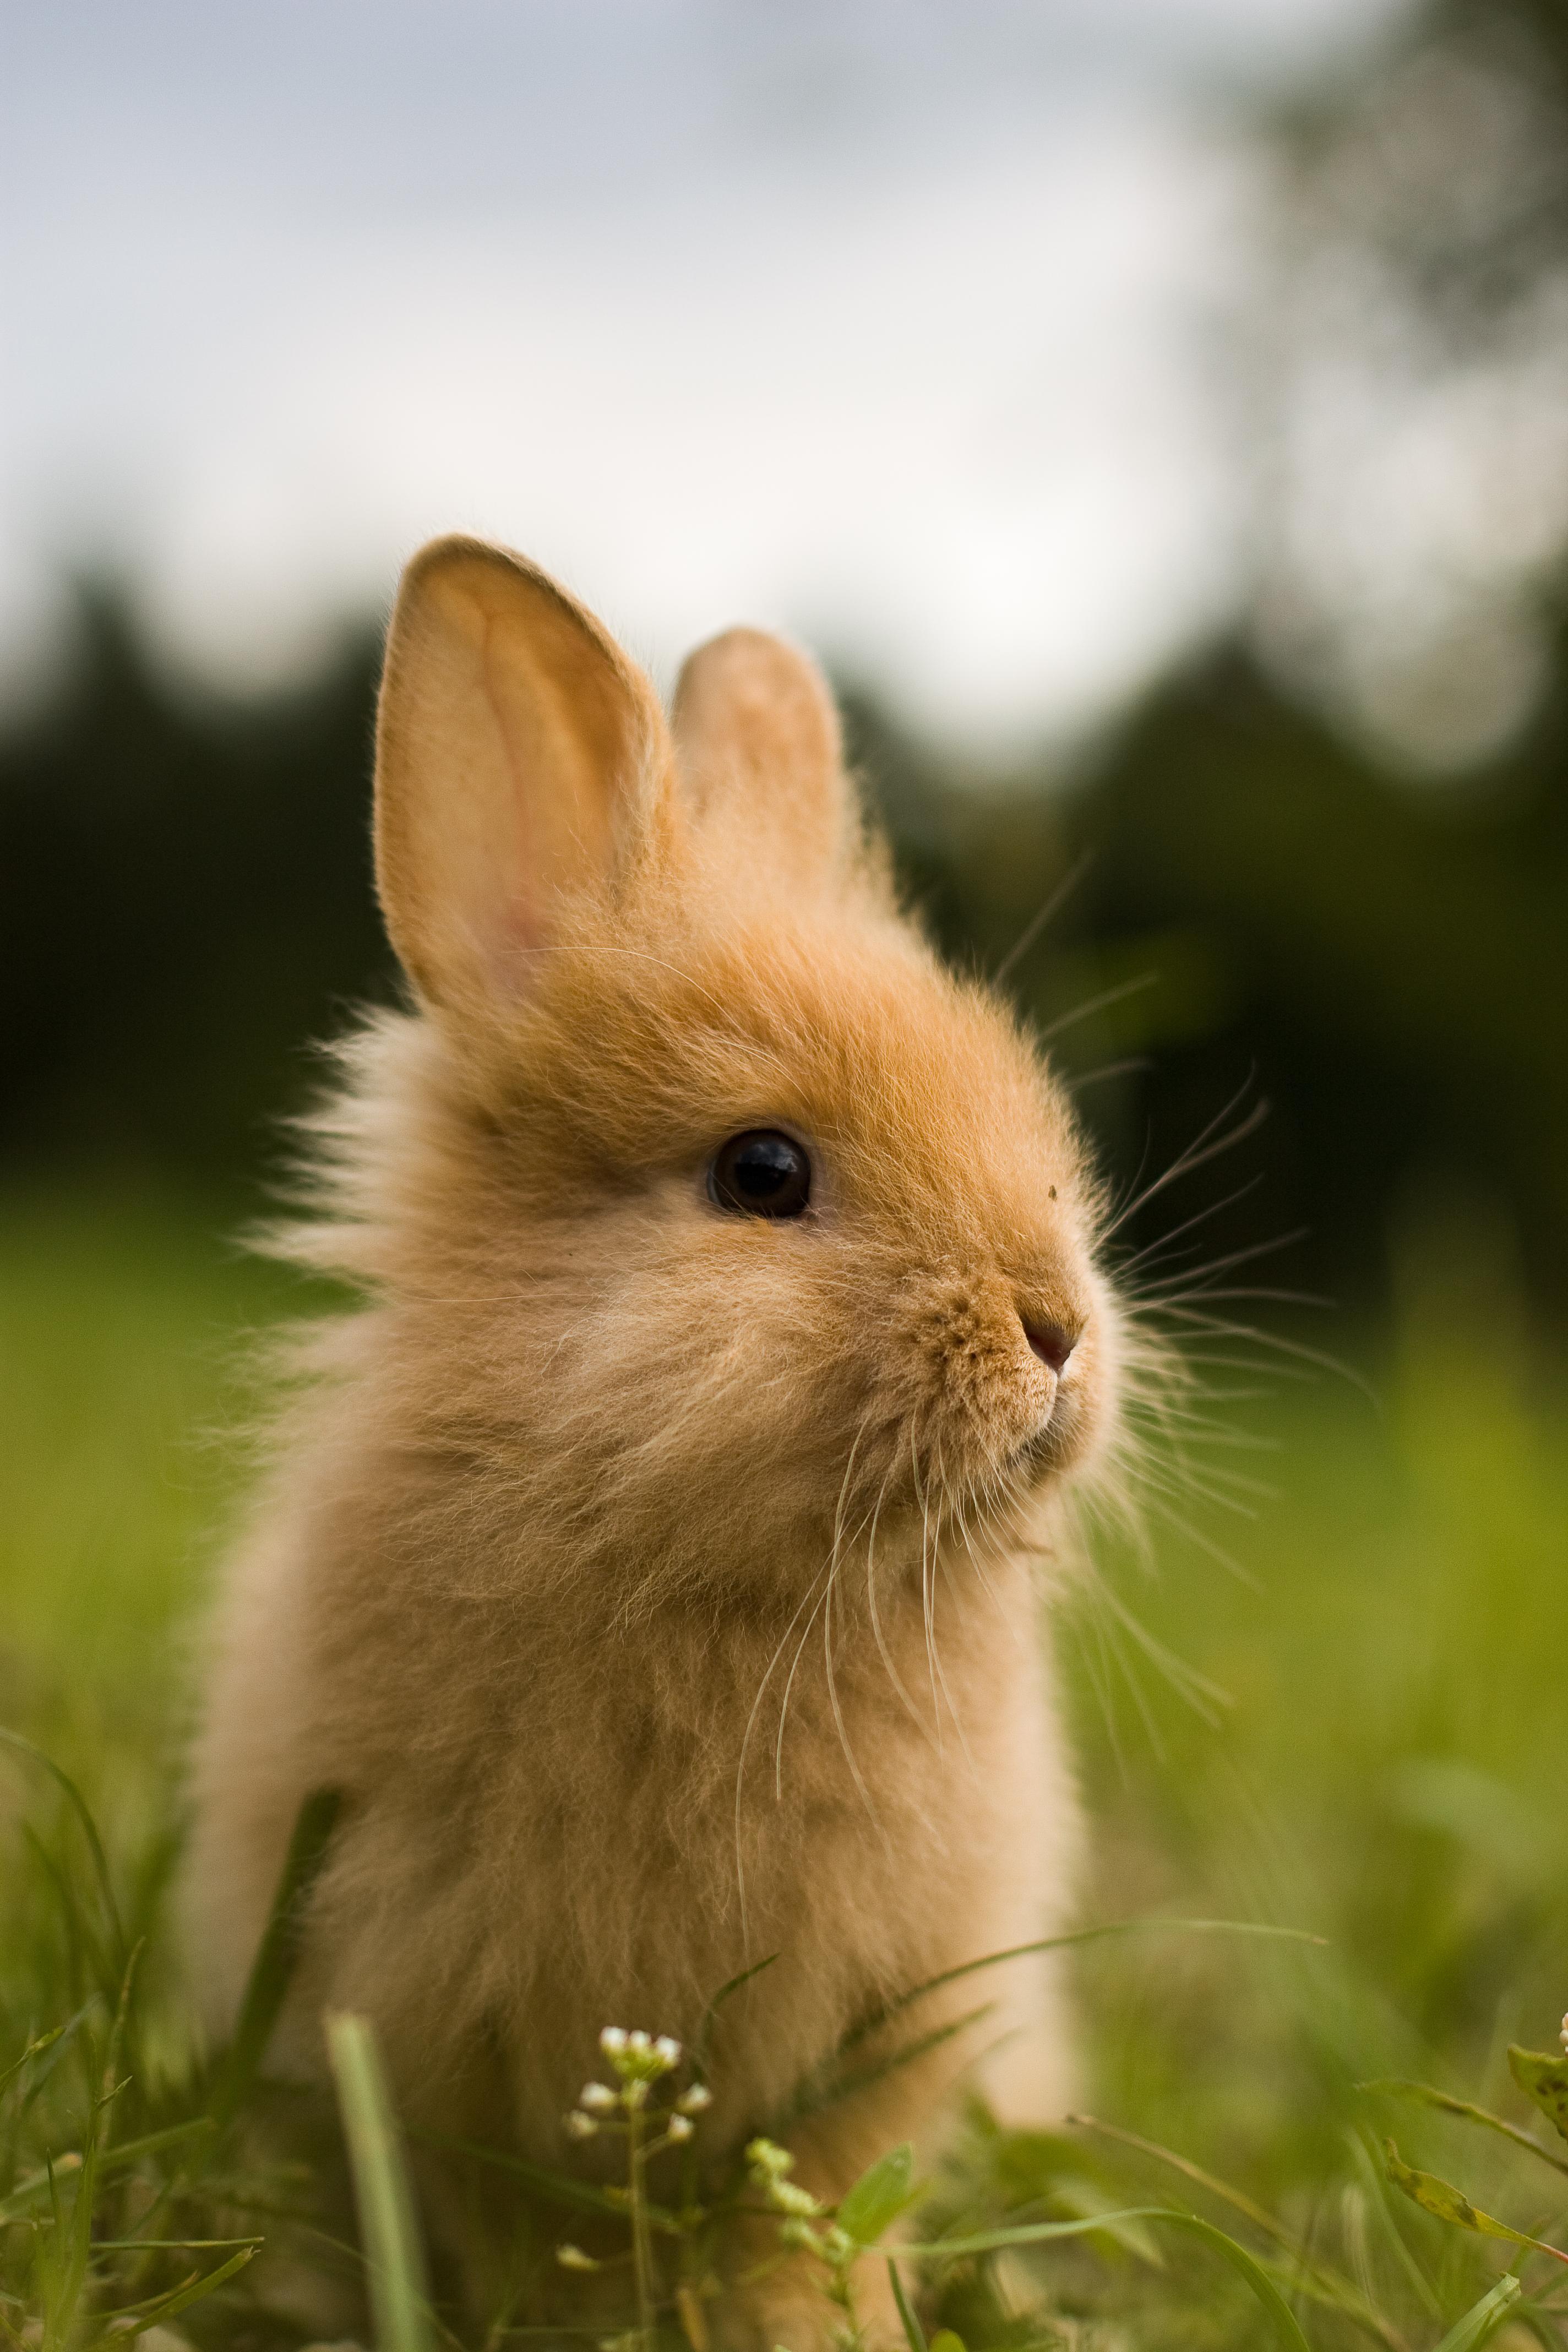 151965 скачать обои Животные, Зелень, Детеныш, Пушистый, Животное, Кролик - заставки и картинки бесплатно